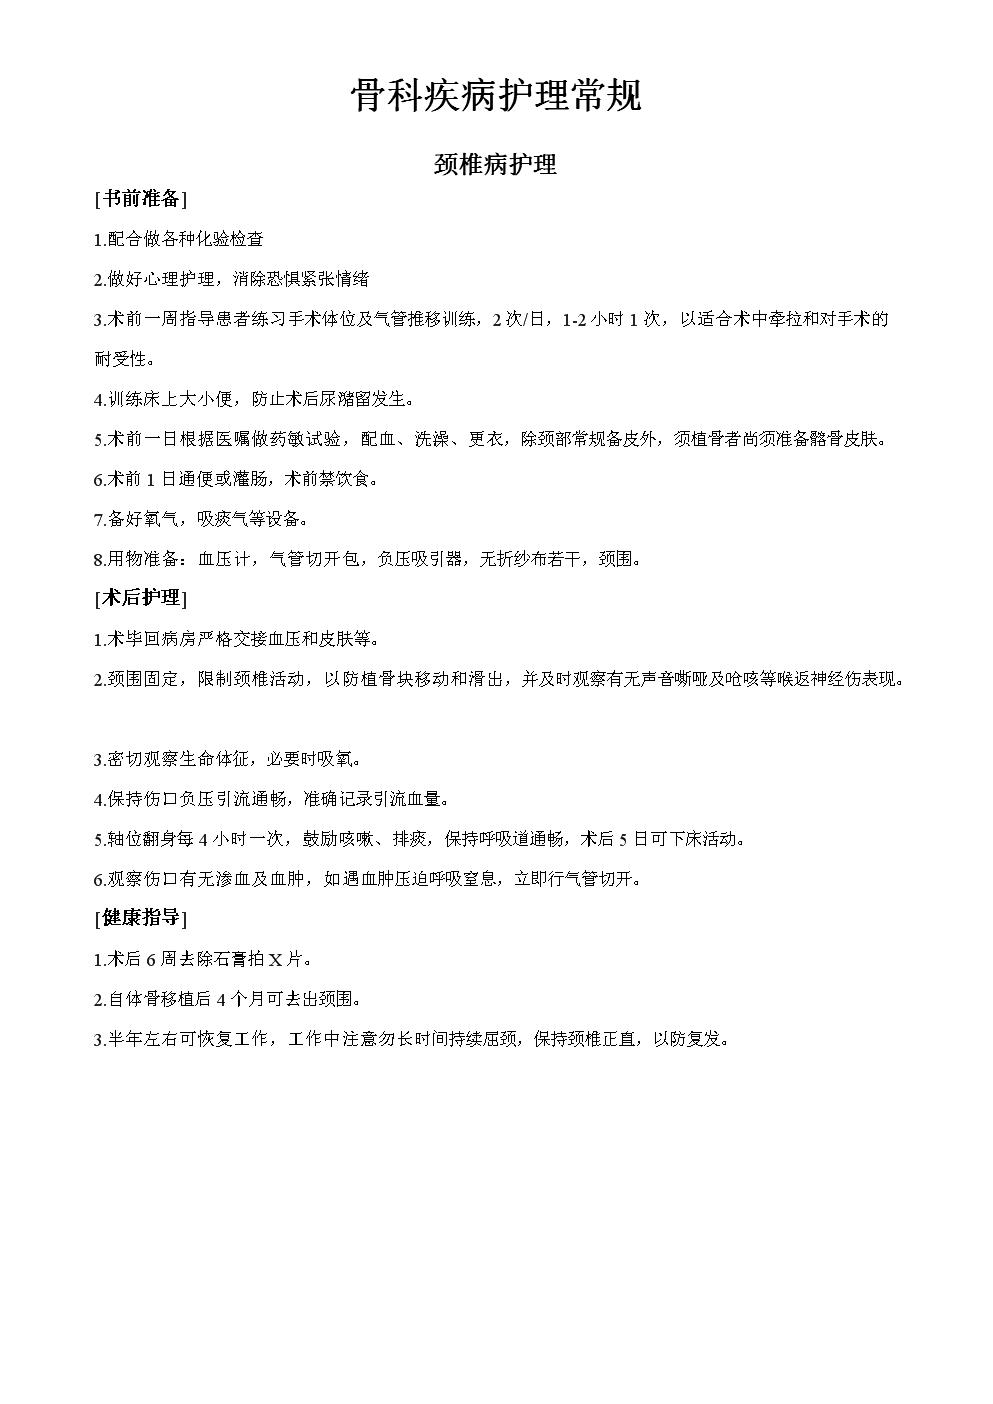 骨科单病种护理常规及健康宣教.doc